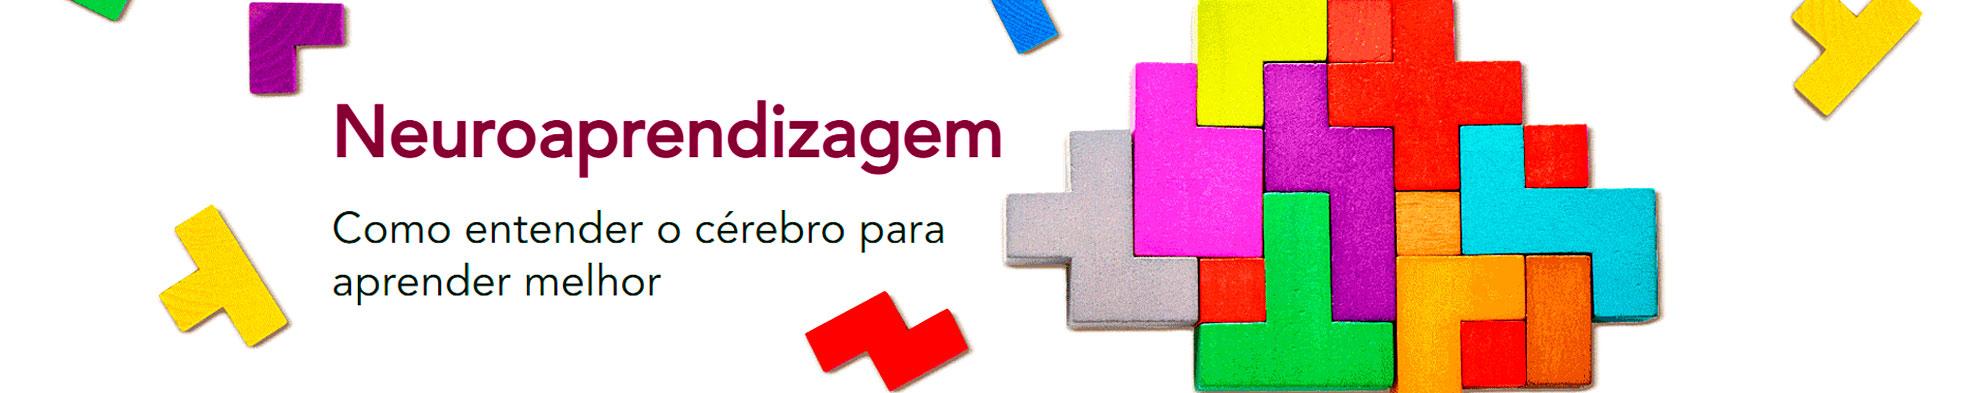 Um quebra-cabeça estilo tetris com o fundo em branco e o texto Neuroaprendizagem